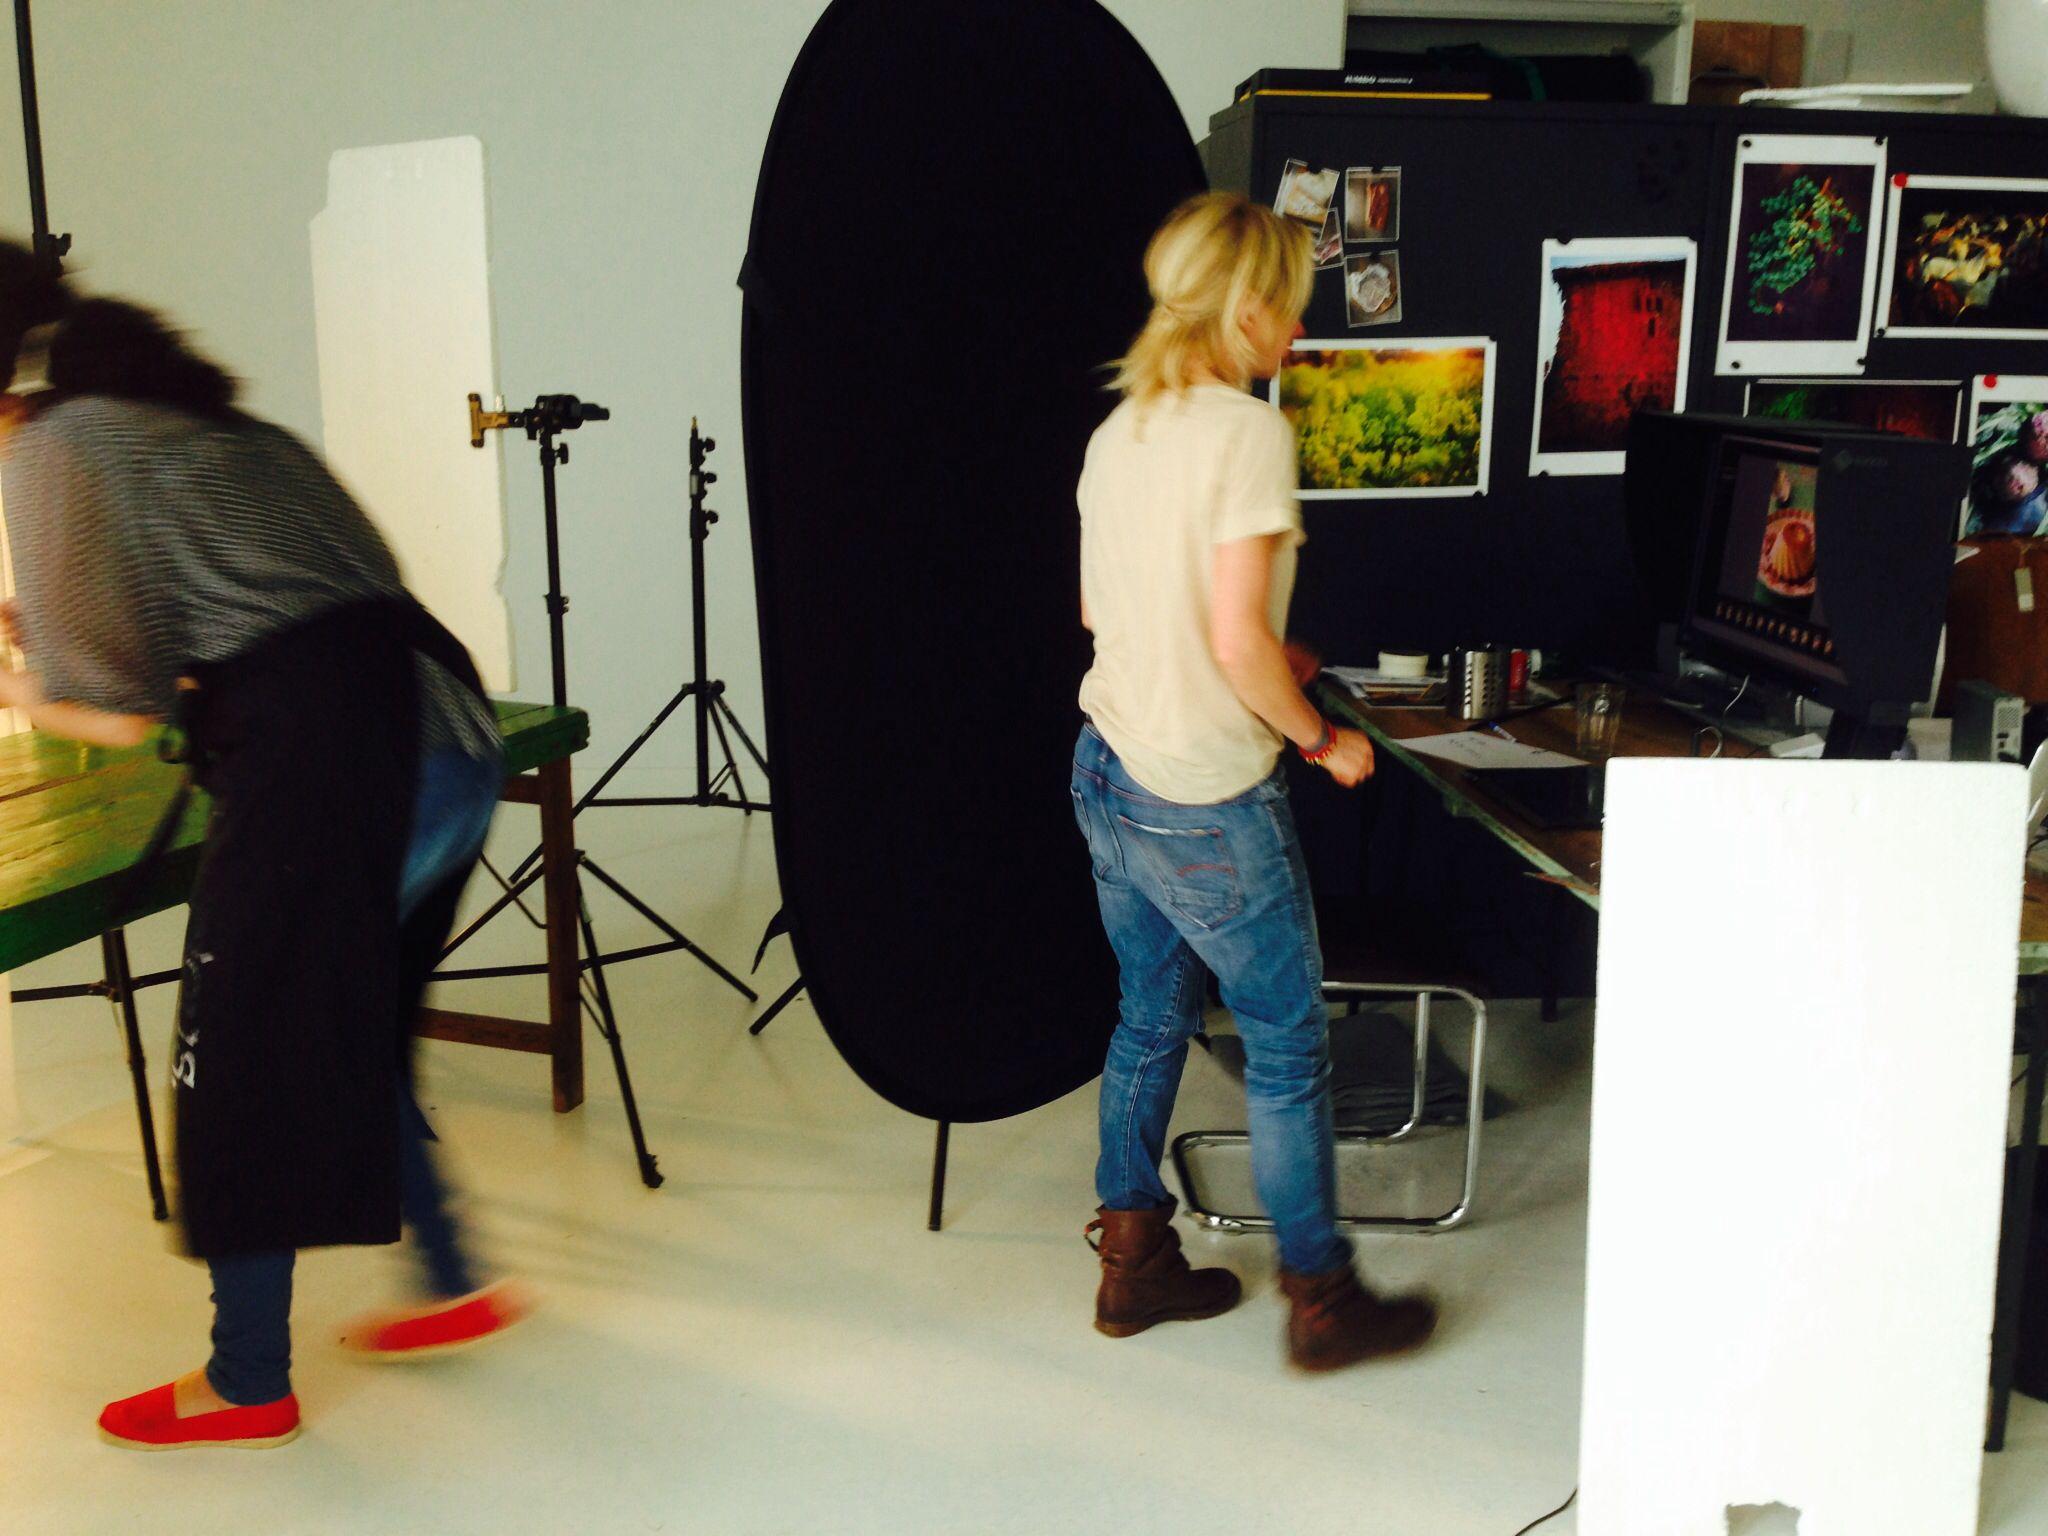 Fotografie in de studio, door Saskia van Osnabrugge